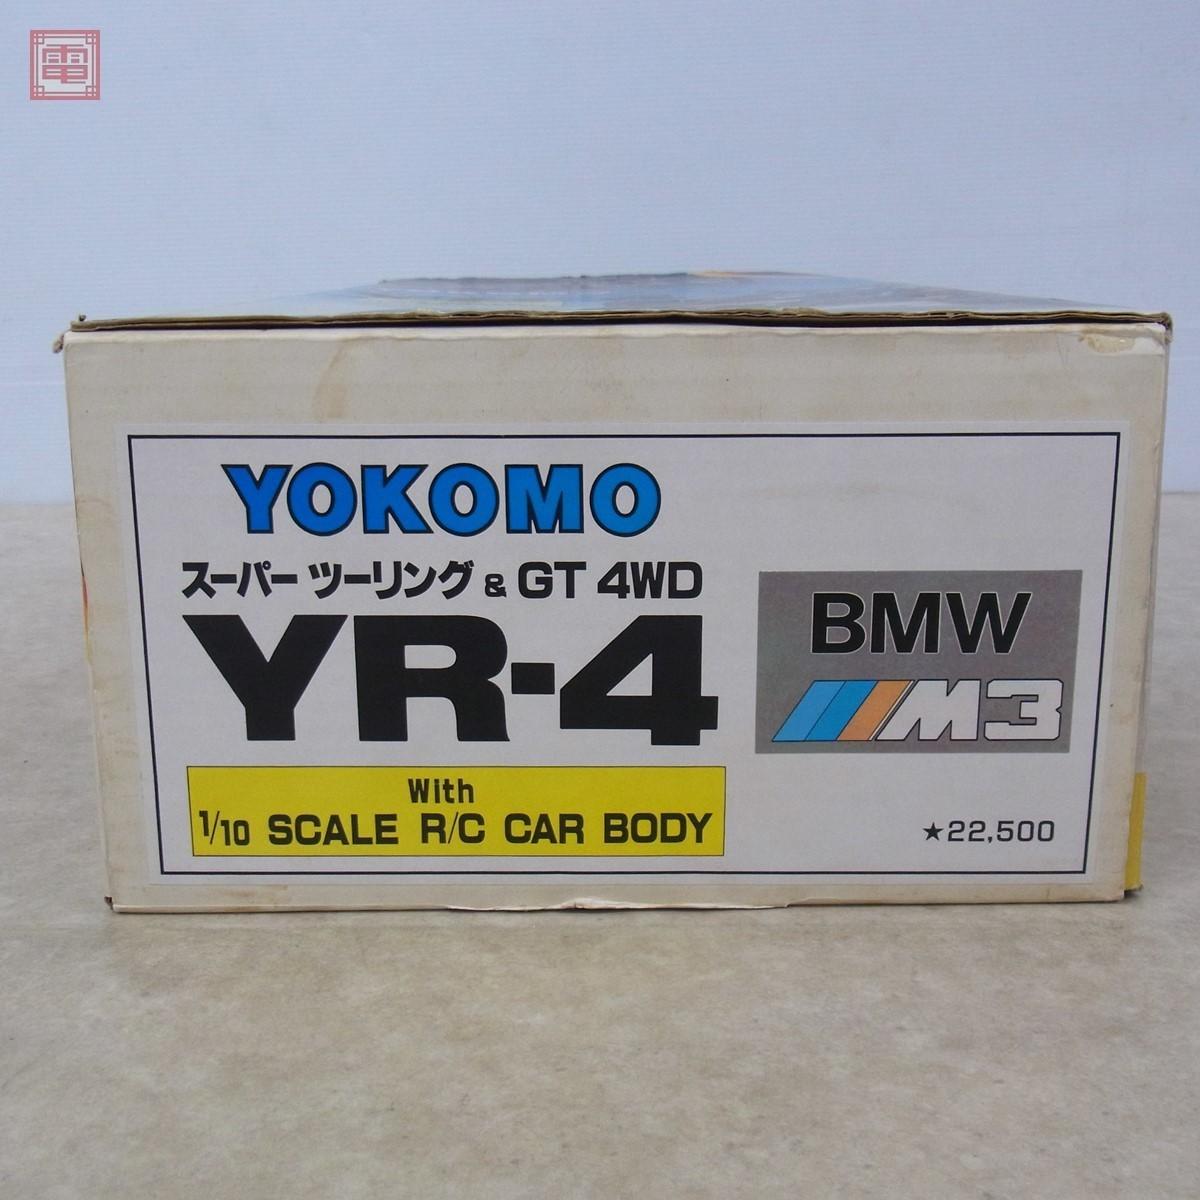 ヨコモ/HPI 1/10 スーパーツーリング&GT 4WD YR-4/スペアボディセット まとめてset RC ラジコンパーツ YOKOMO 未検品 ジャンク【40_画像3